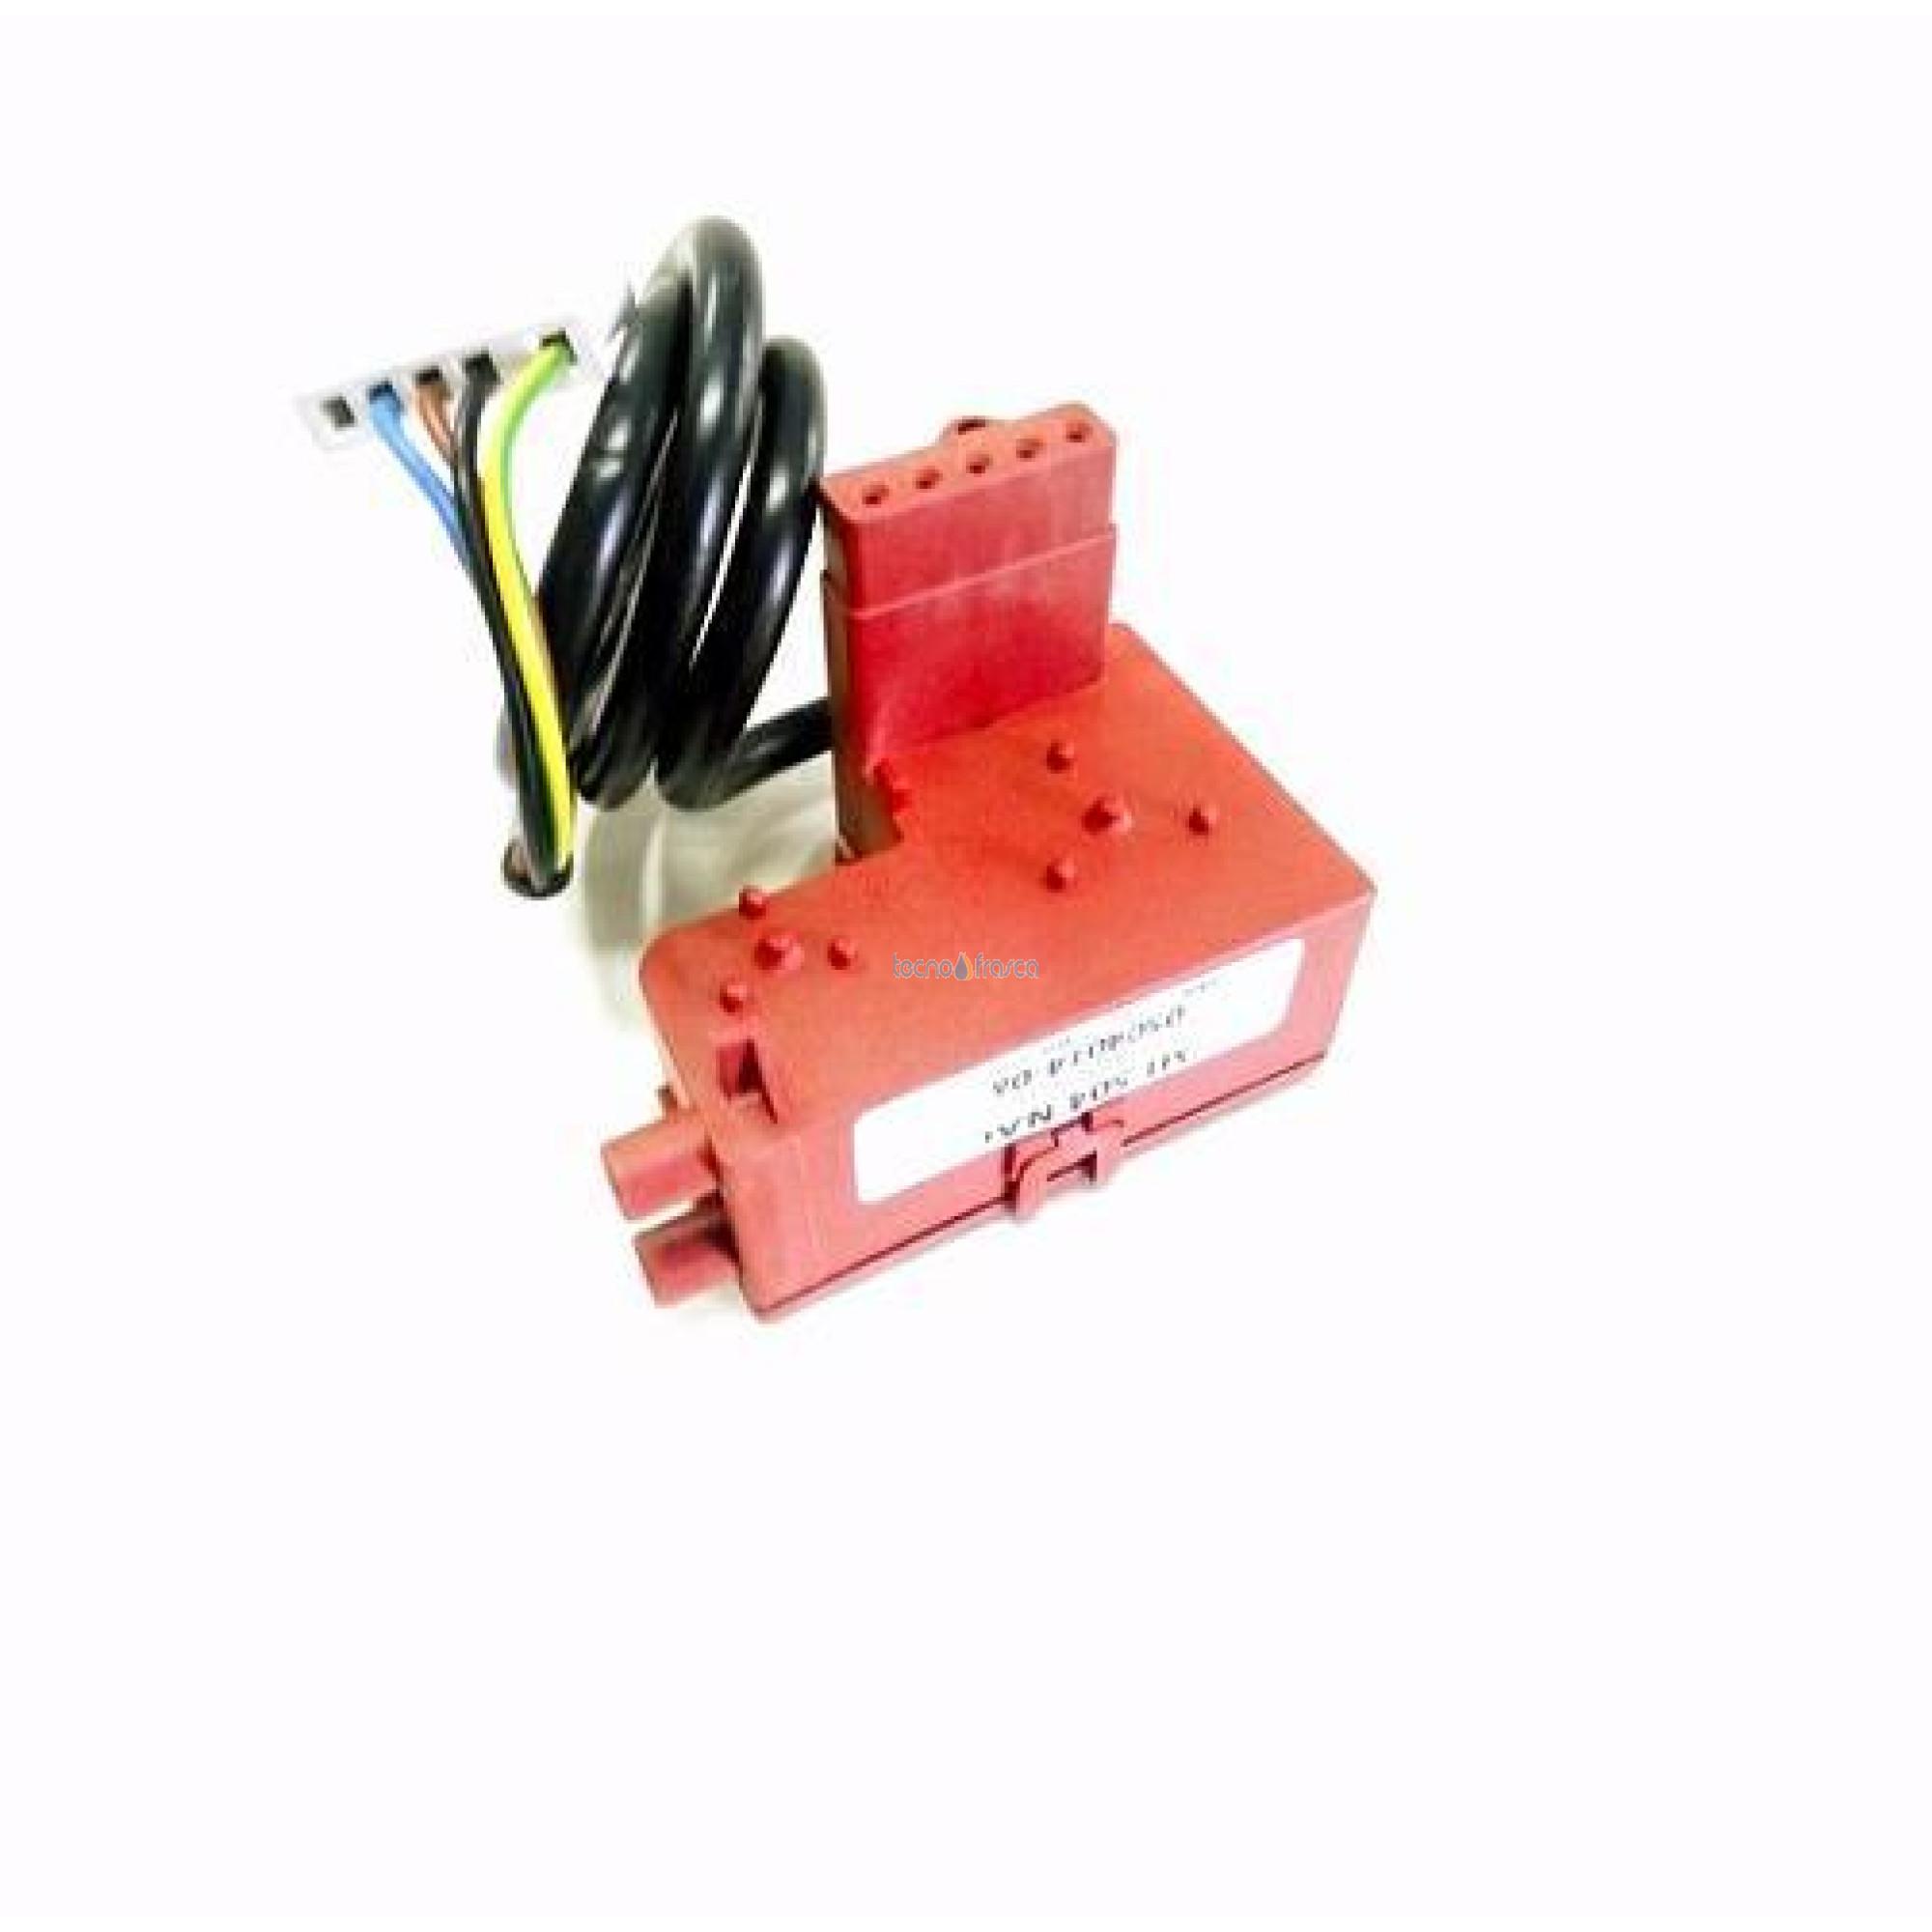 Baxi connettore vz3/10 sac l600 jjj008511560